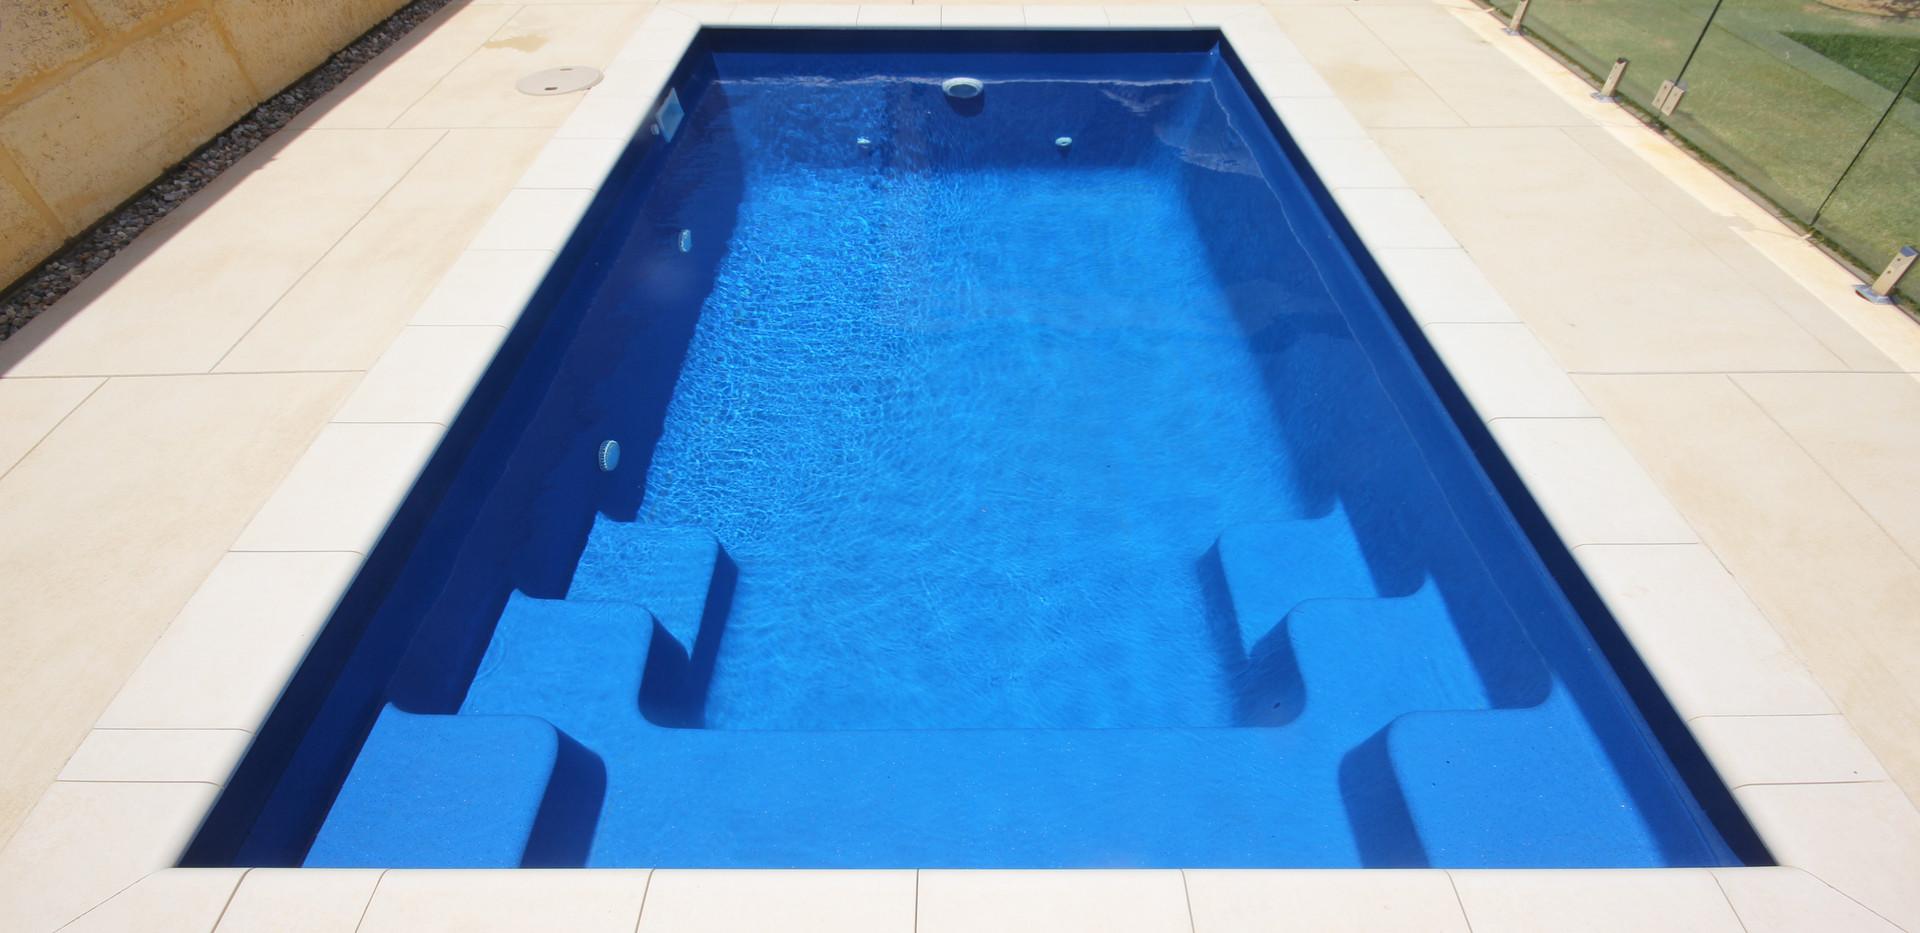 Serenity pool 3.JPG